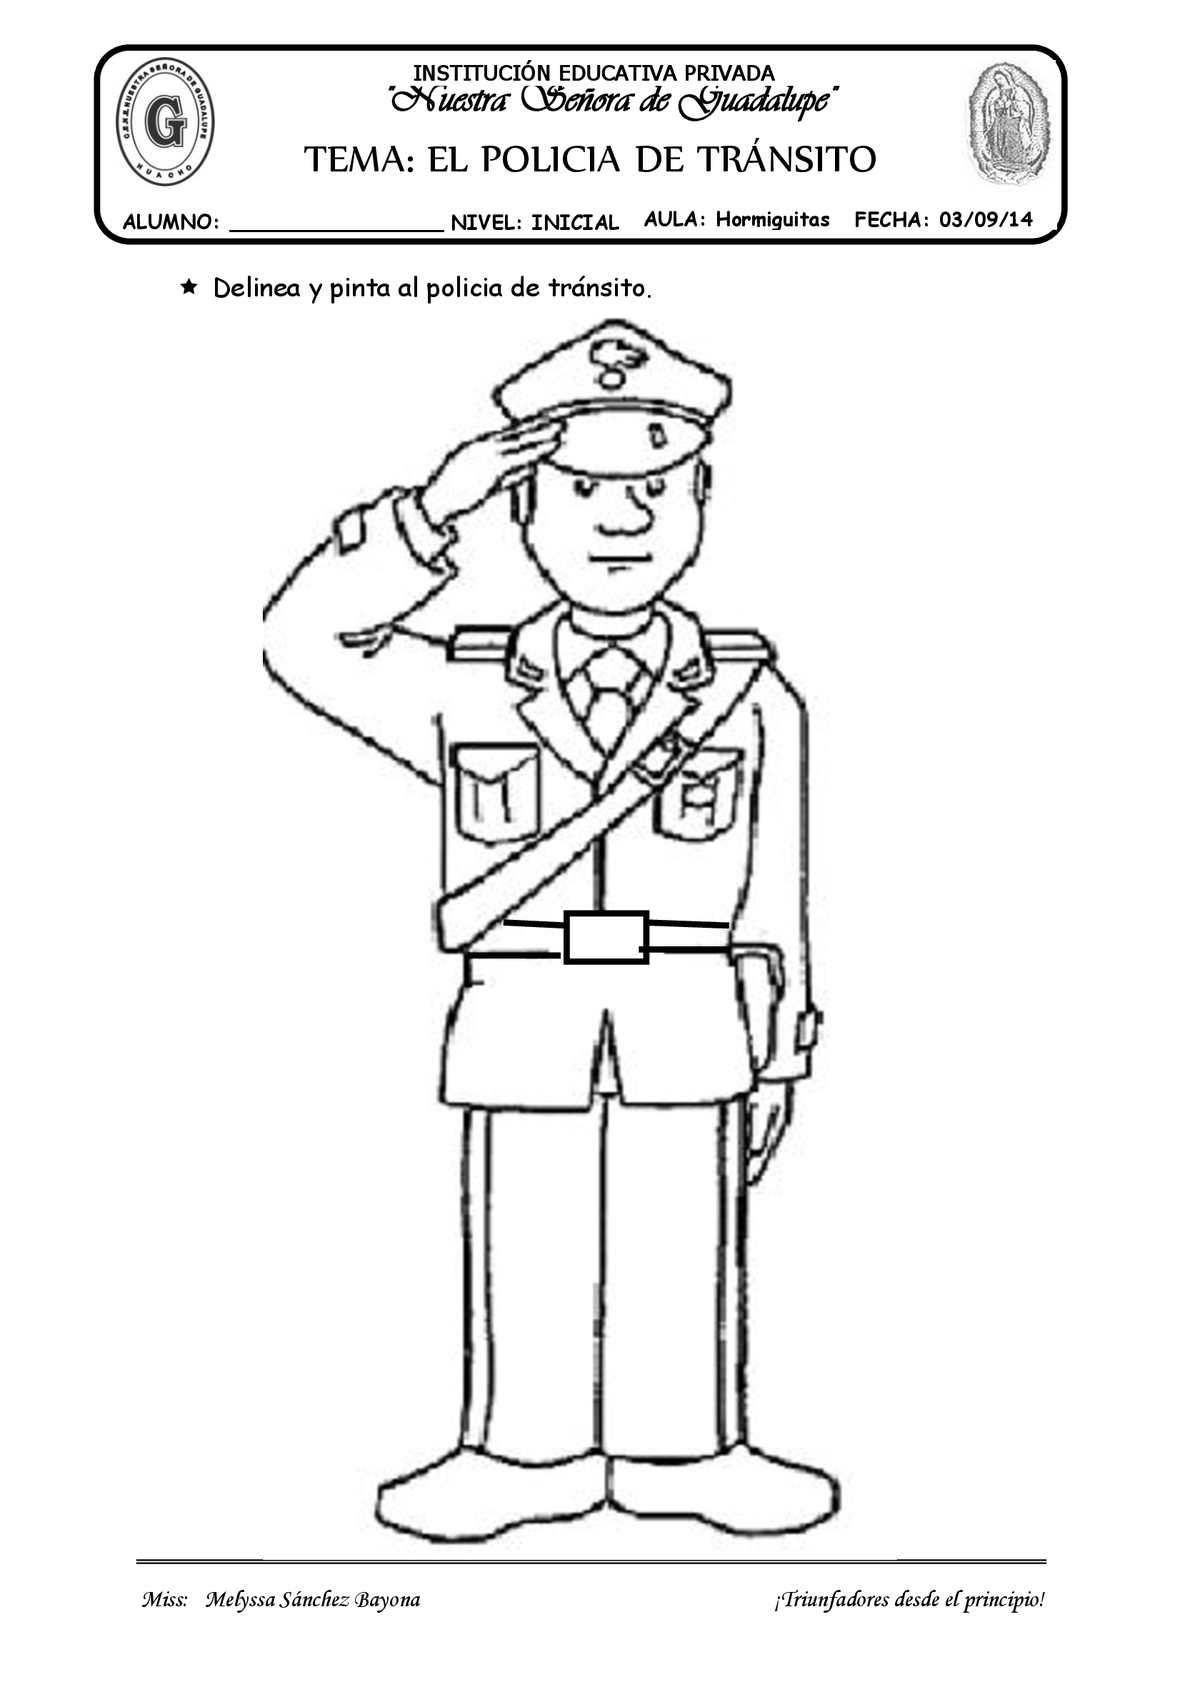 TEMA. EL POLÍCIA DE TRÁNSITO